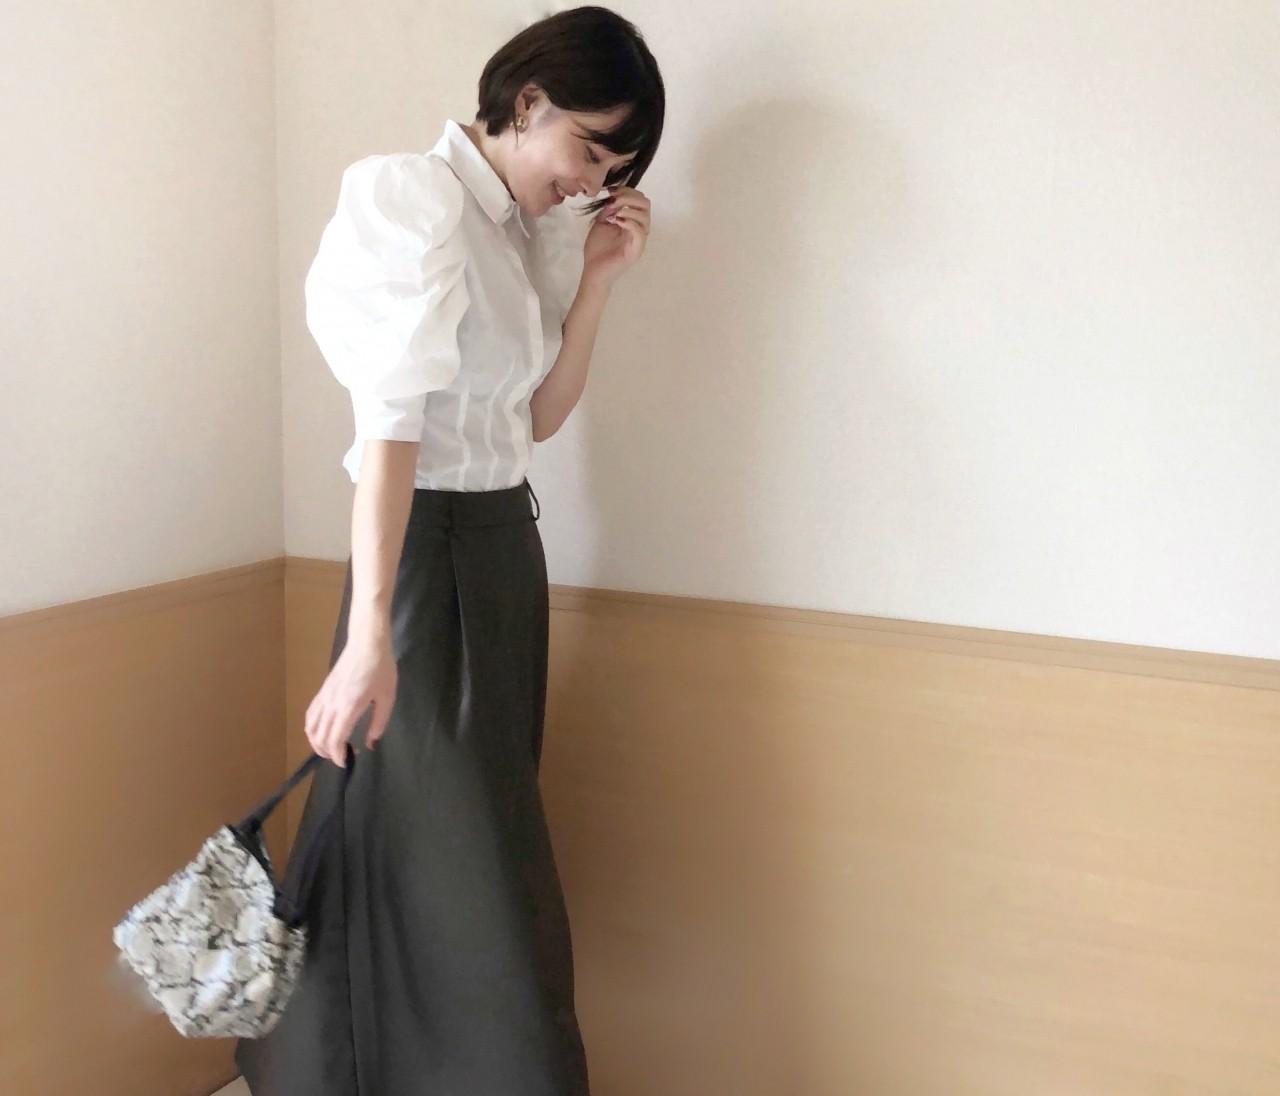 秋のマストアイテム♡GUフェイクレザースカート×白シャツ〈ブラウンコーデ〉